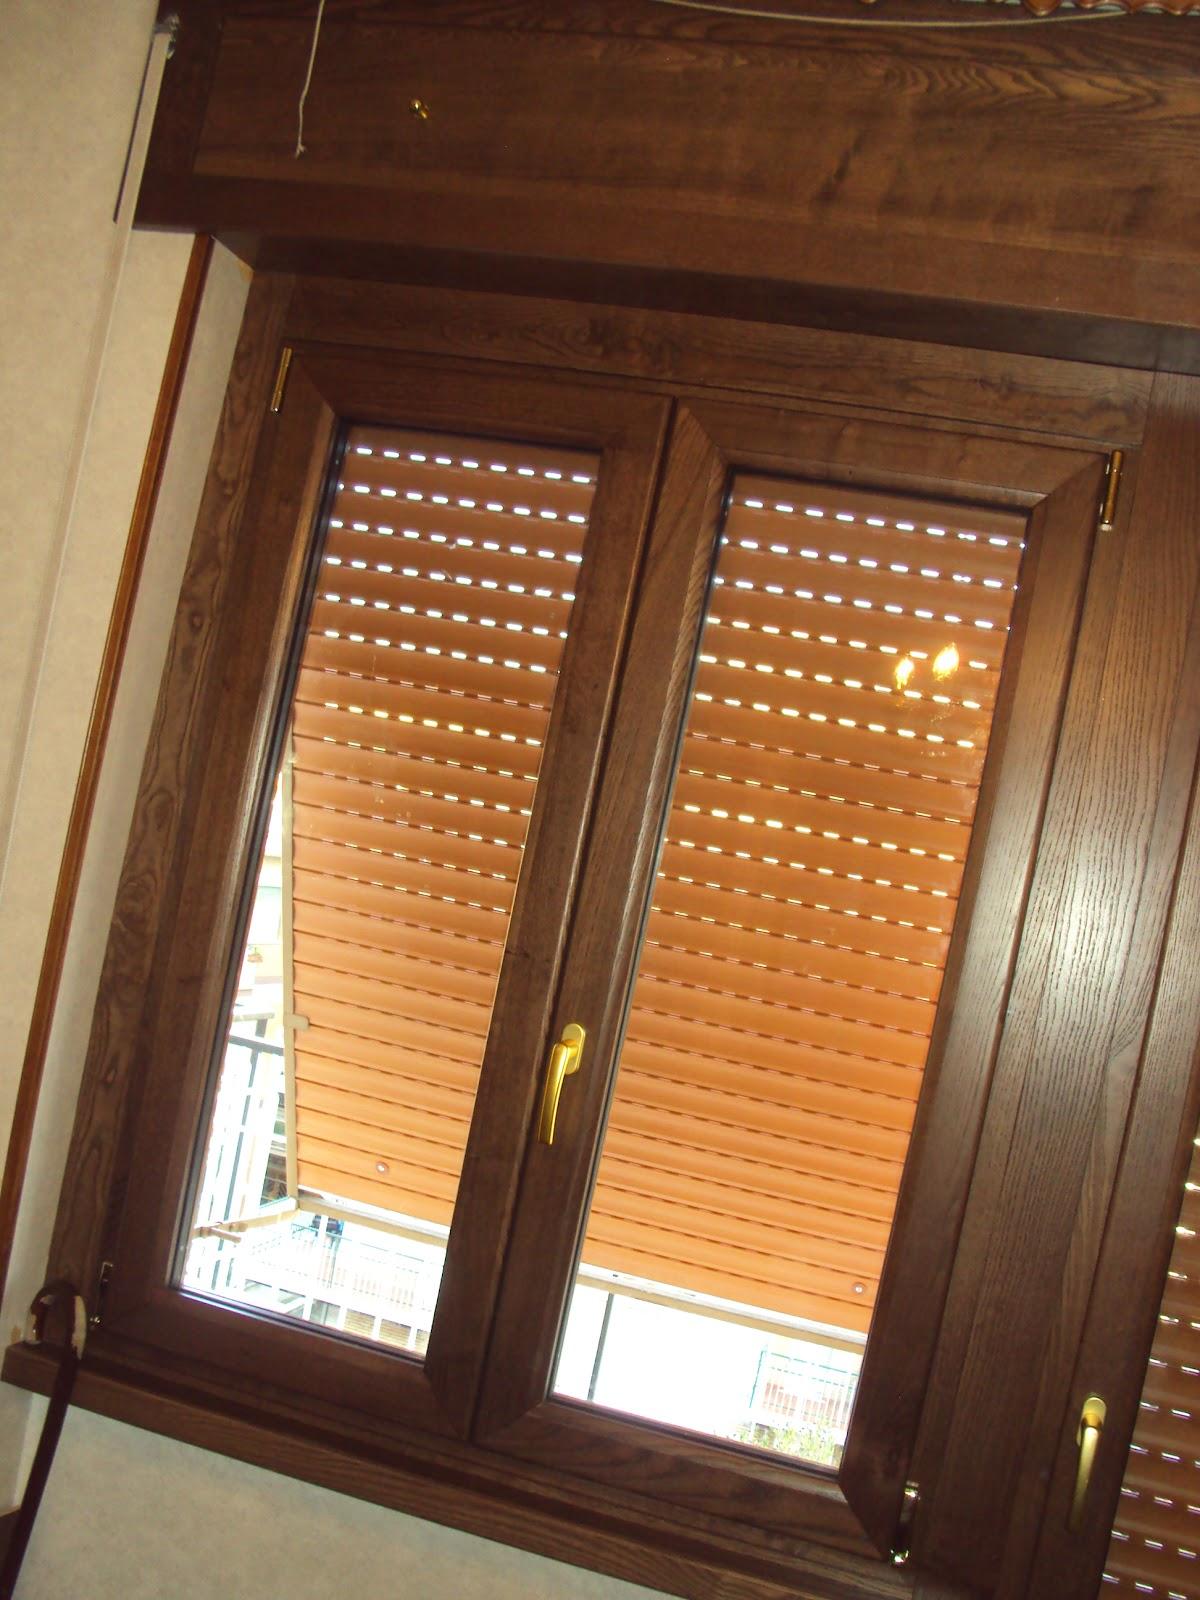 Mille porte e tende le nostre meravigliose finestre in legno alluminio della ts infissi - Finestre in frassino ...